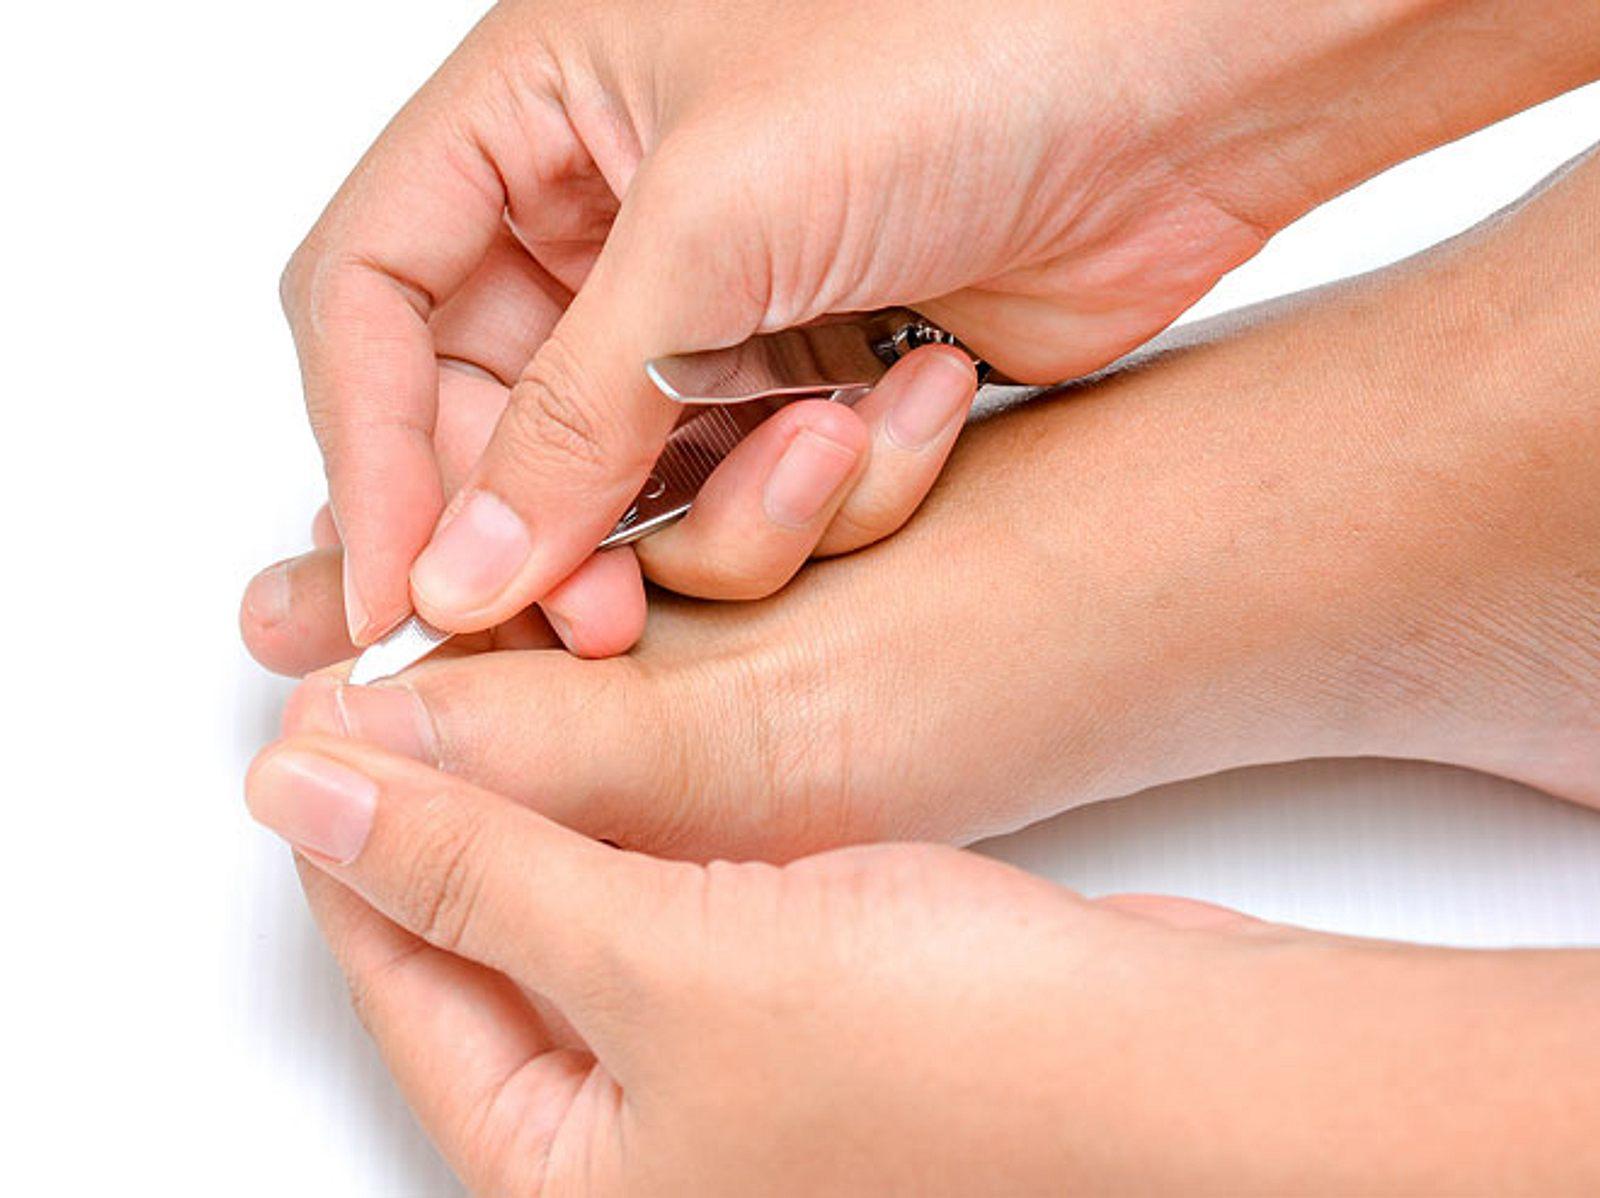 Ziehen lassen zehennagel eingewachsener Eingewachsener Zehennagel